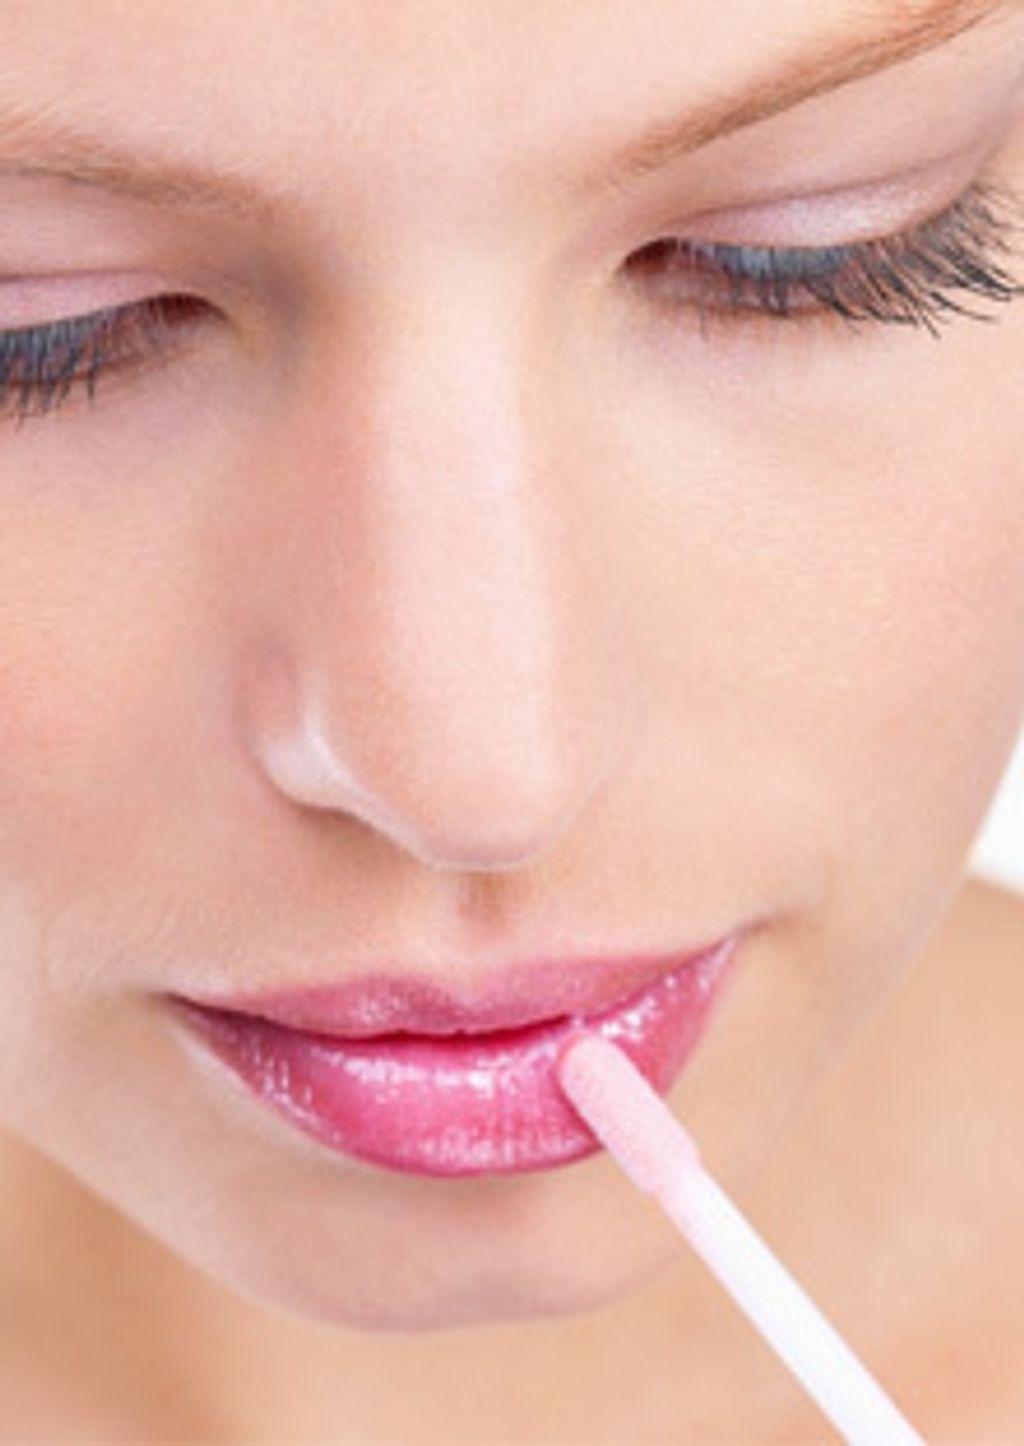 Le no make-up et le nude : deux tendances à ne pas confondre